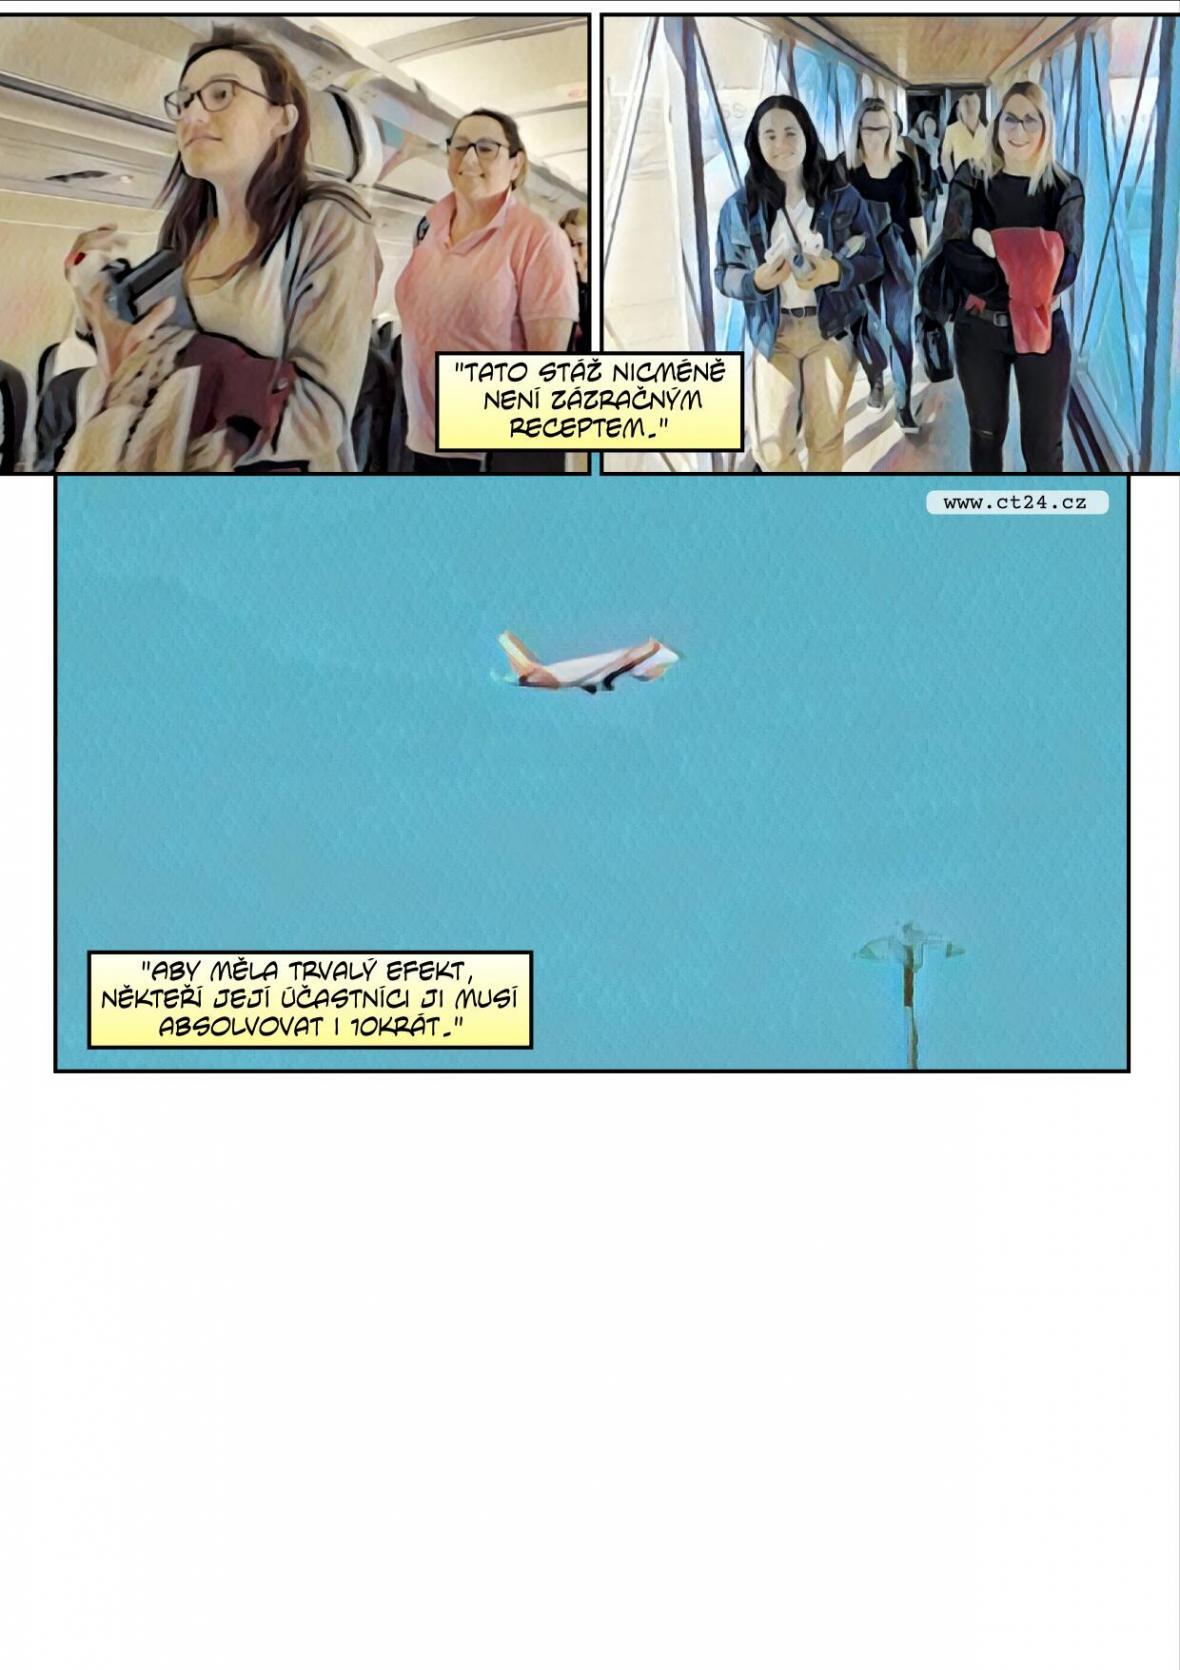 Lék na fobii z létání (komiks)